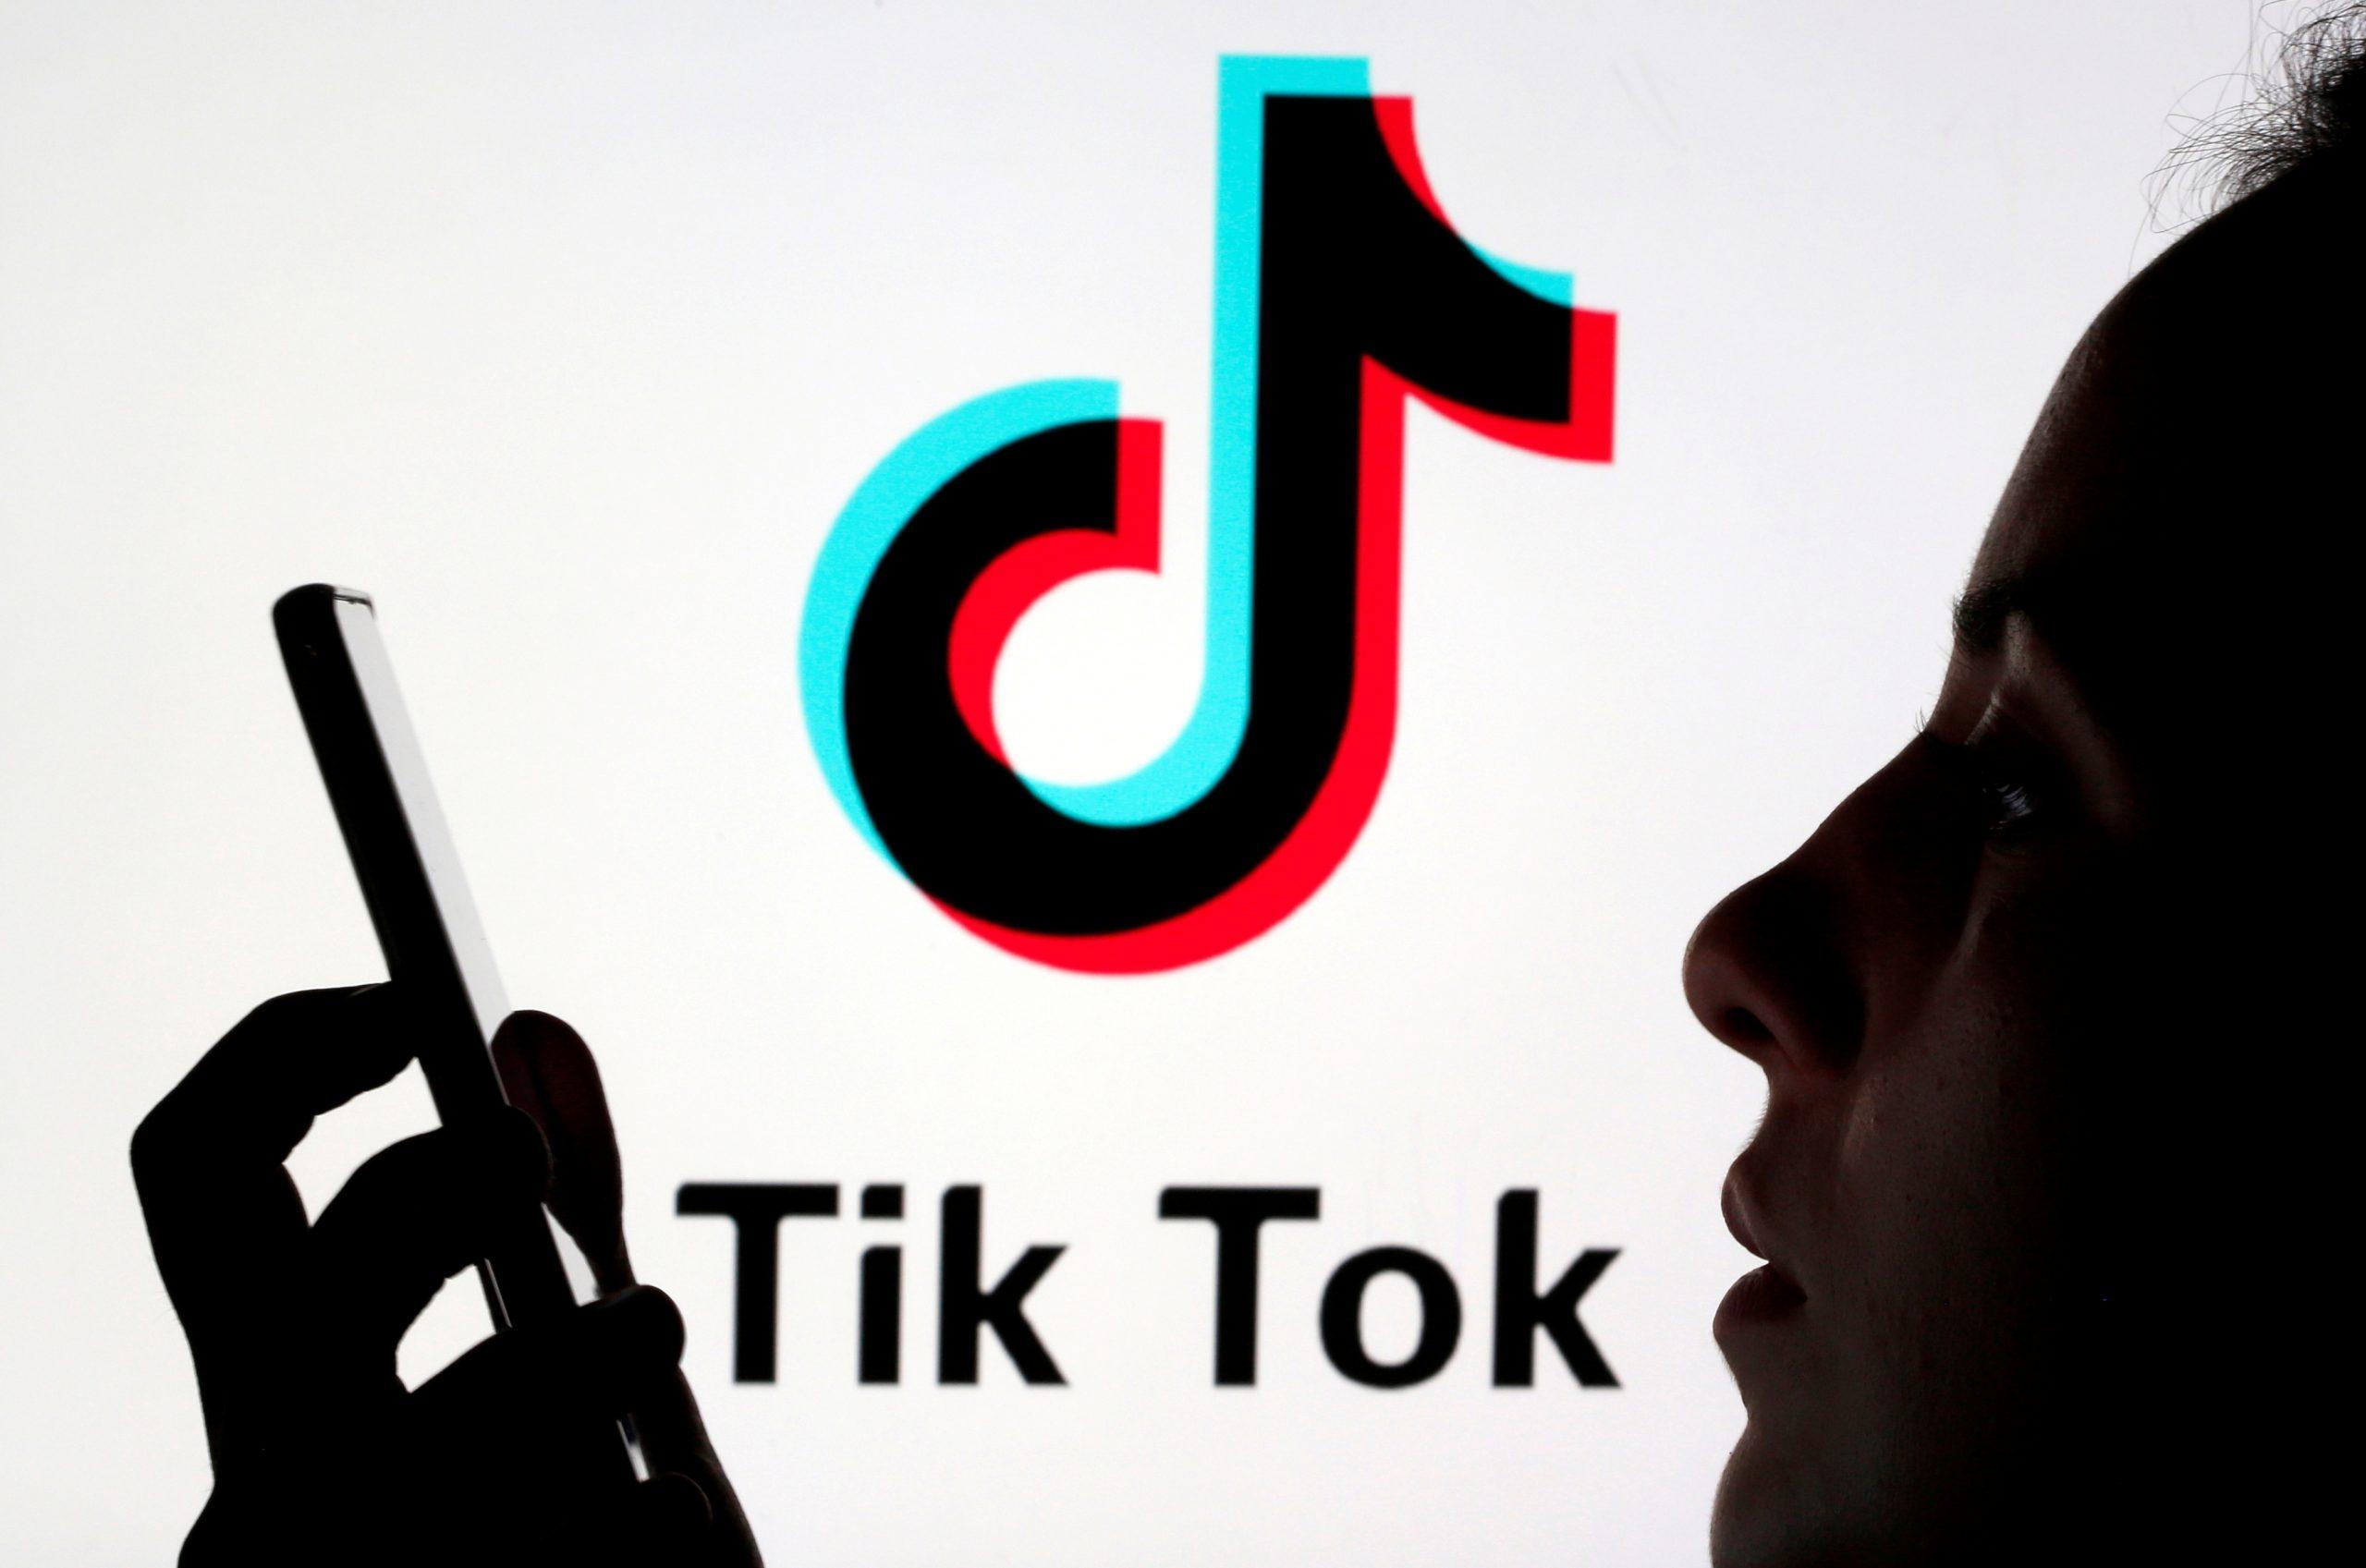 EEUU indaga denuncias sobre violación a privacidad de niños por parte de TikTok